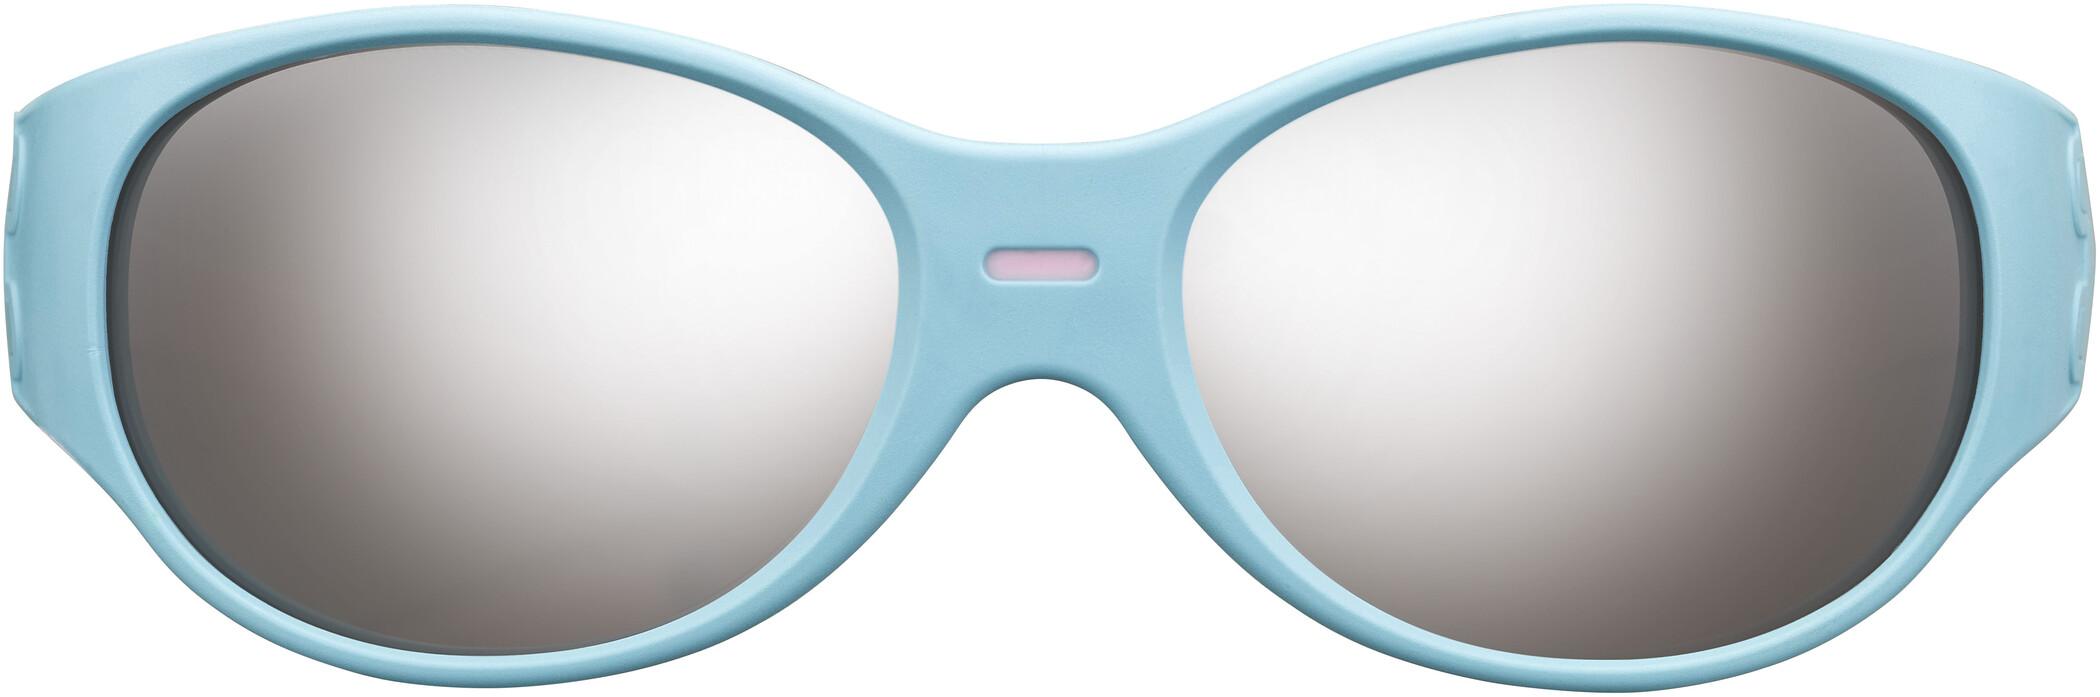 Julbo Domino Spectron 4 Baby Solbriller Børn, sky blue/pink | Briller